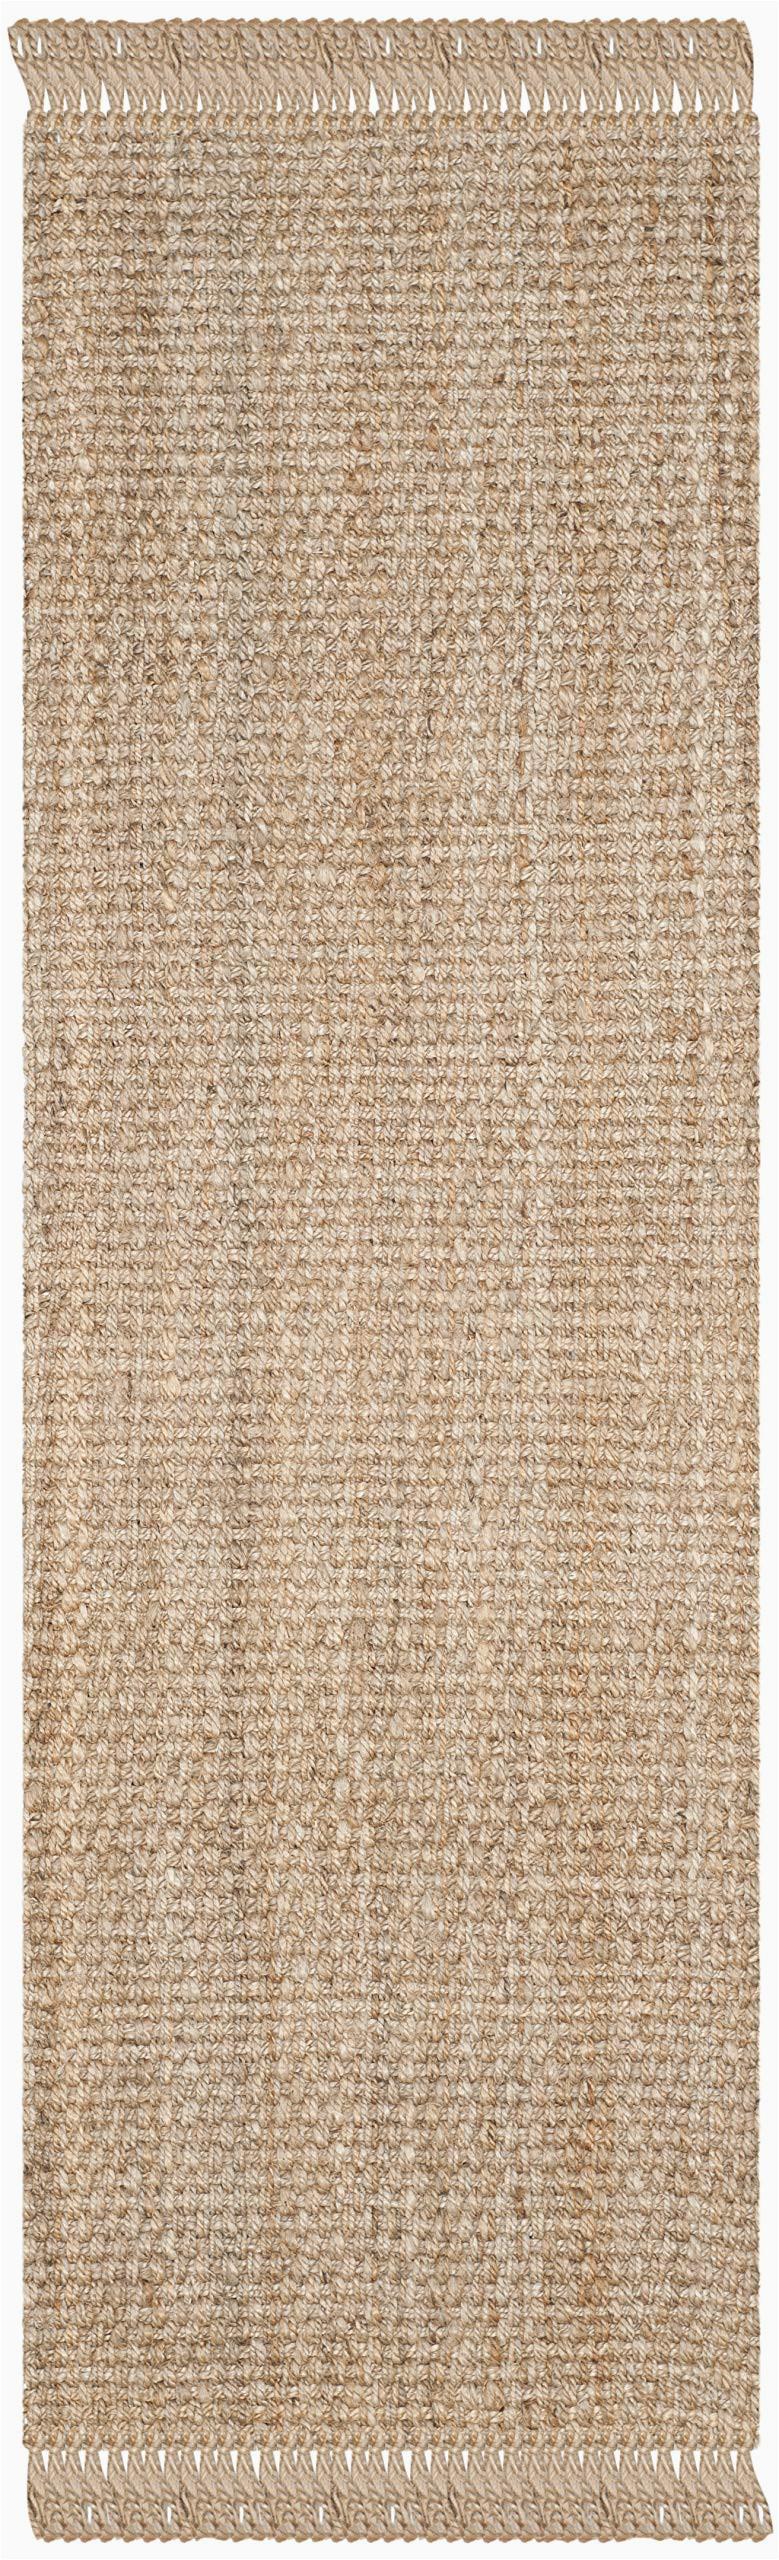 safavieh natural fiber collection nf 733 a hand woven natural jute runner 23 x 7